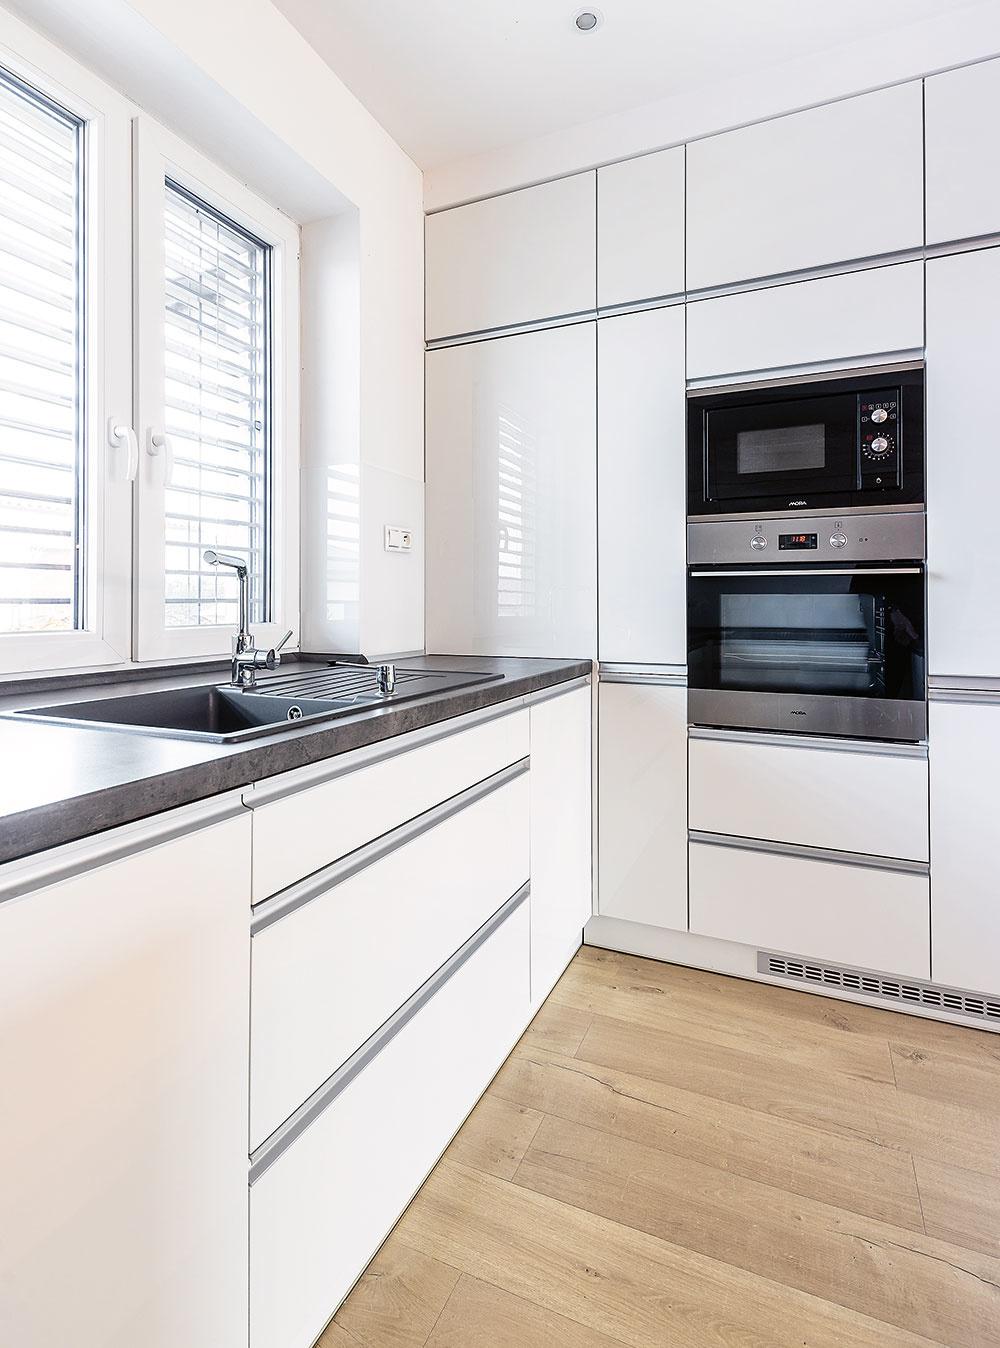 biely nábytok v kuchyni